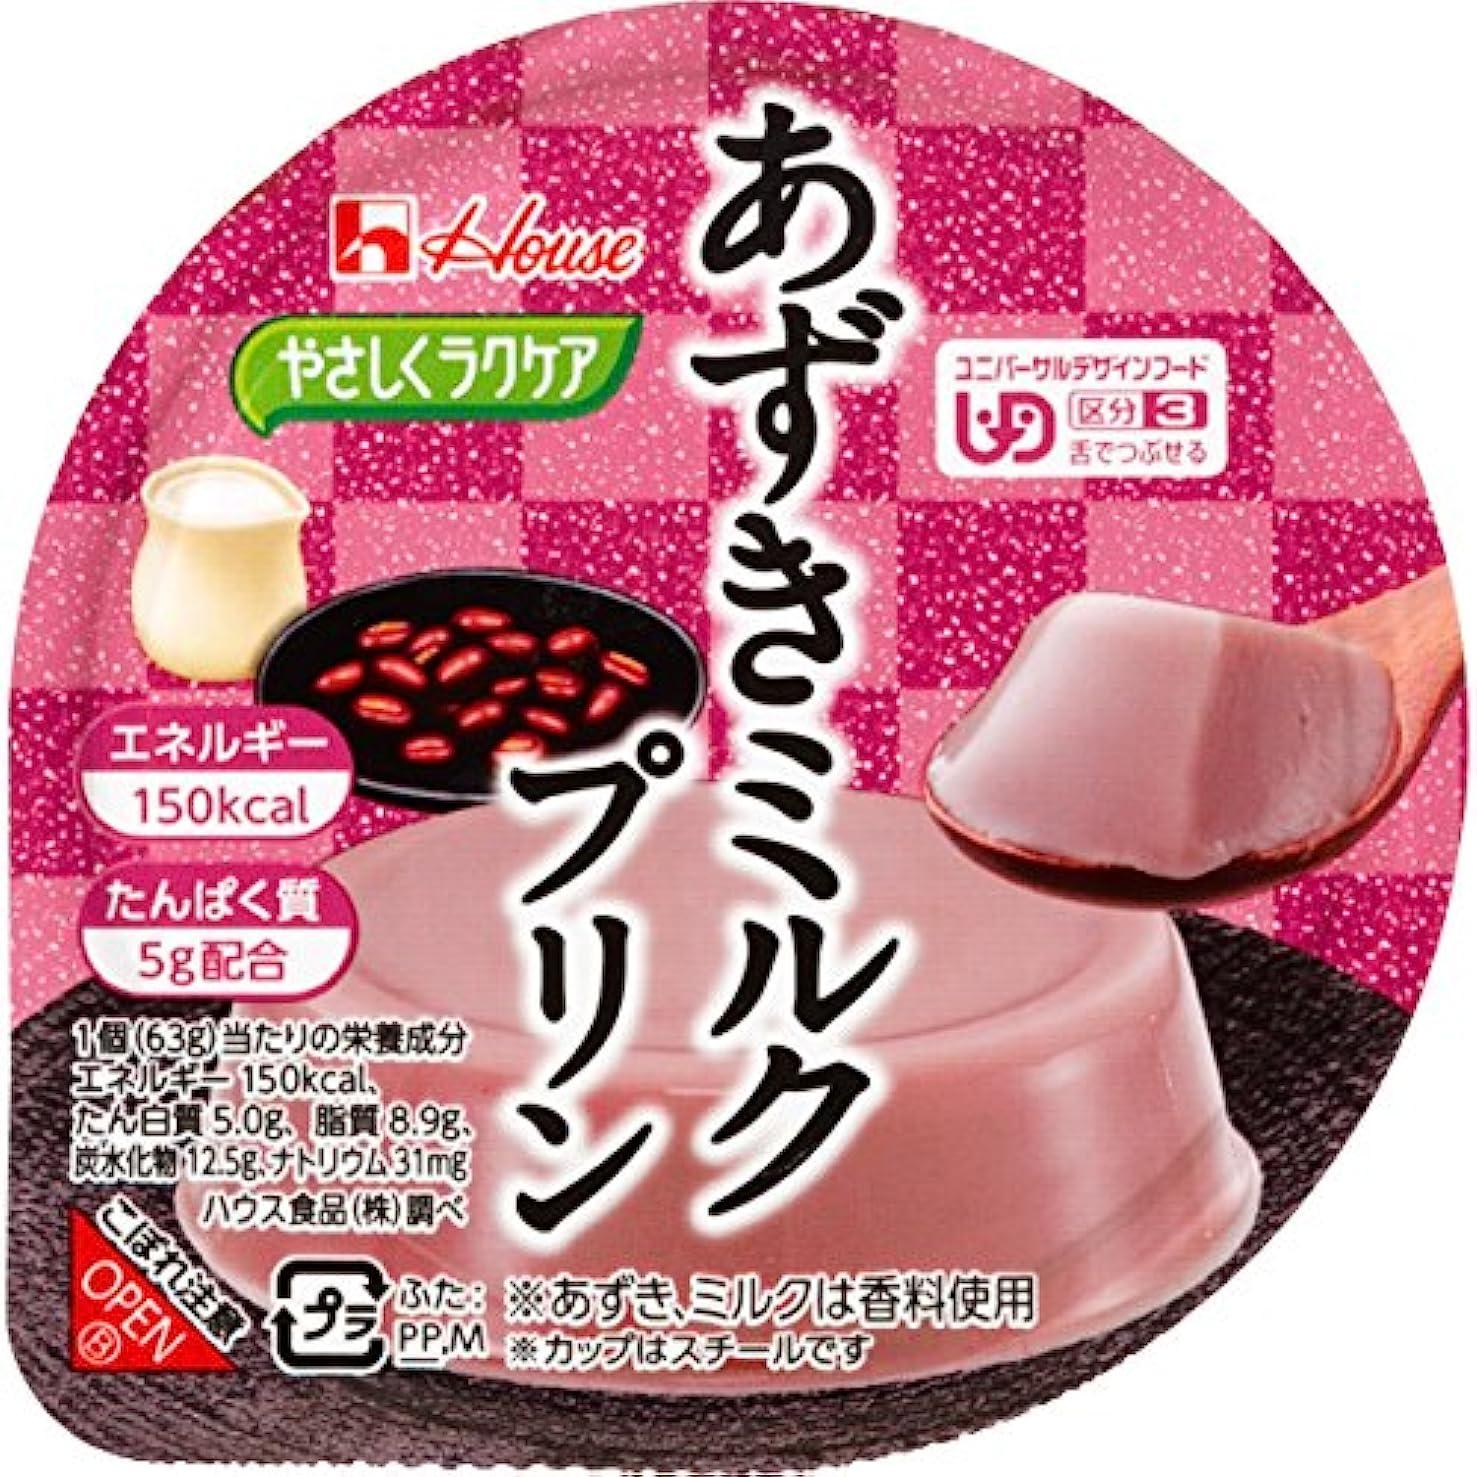 再撮り絶えず宇宙のハウス食品 やさしくラクケア あずきミルクプリン (UDF区分3:舌でつぶせる) 63gx12個